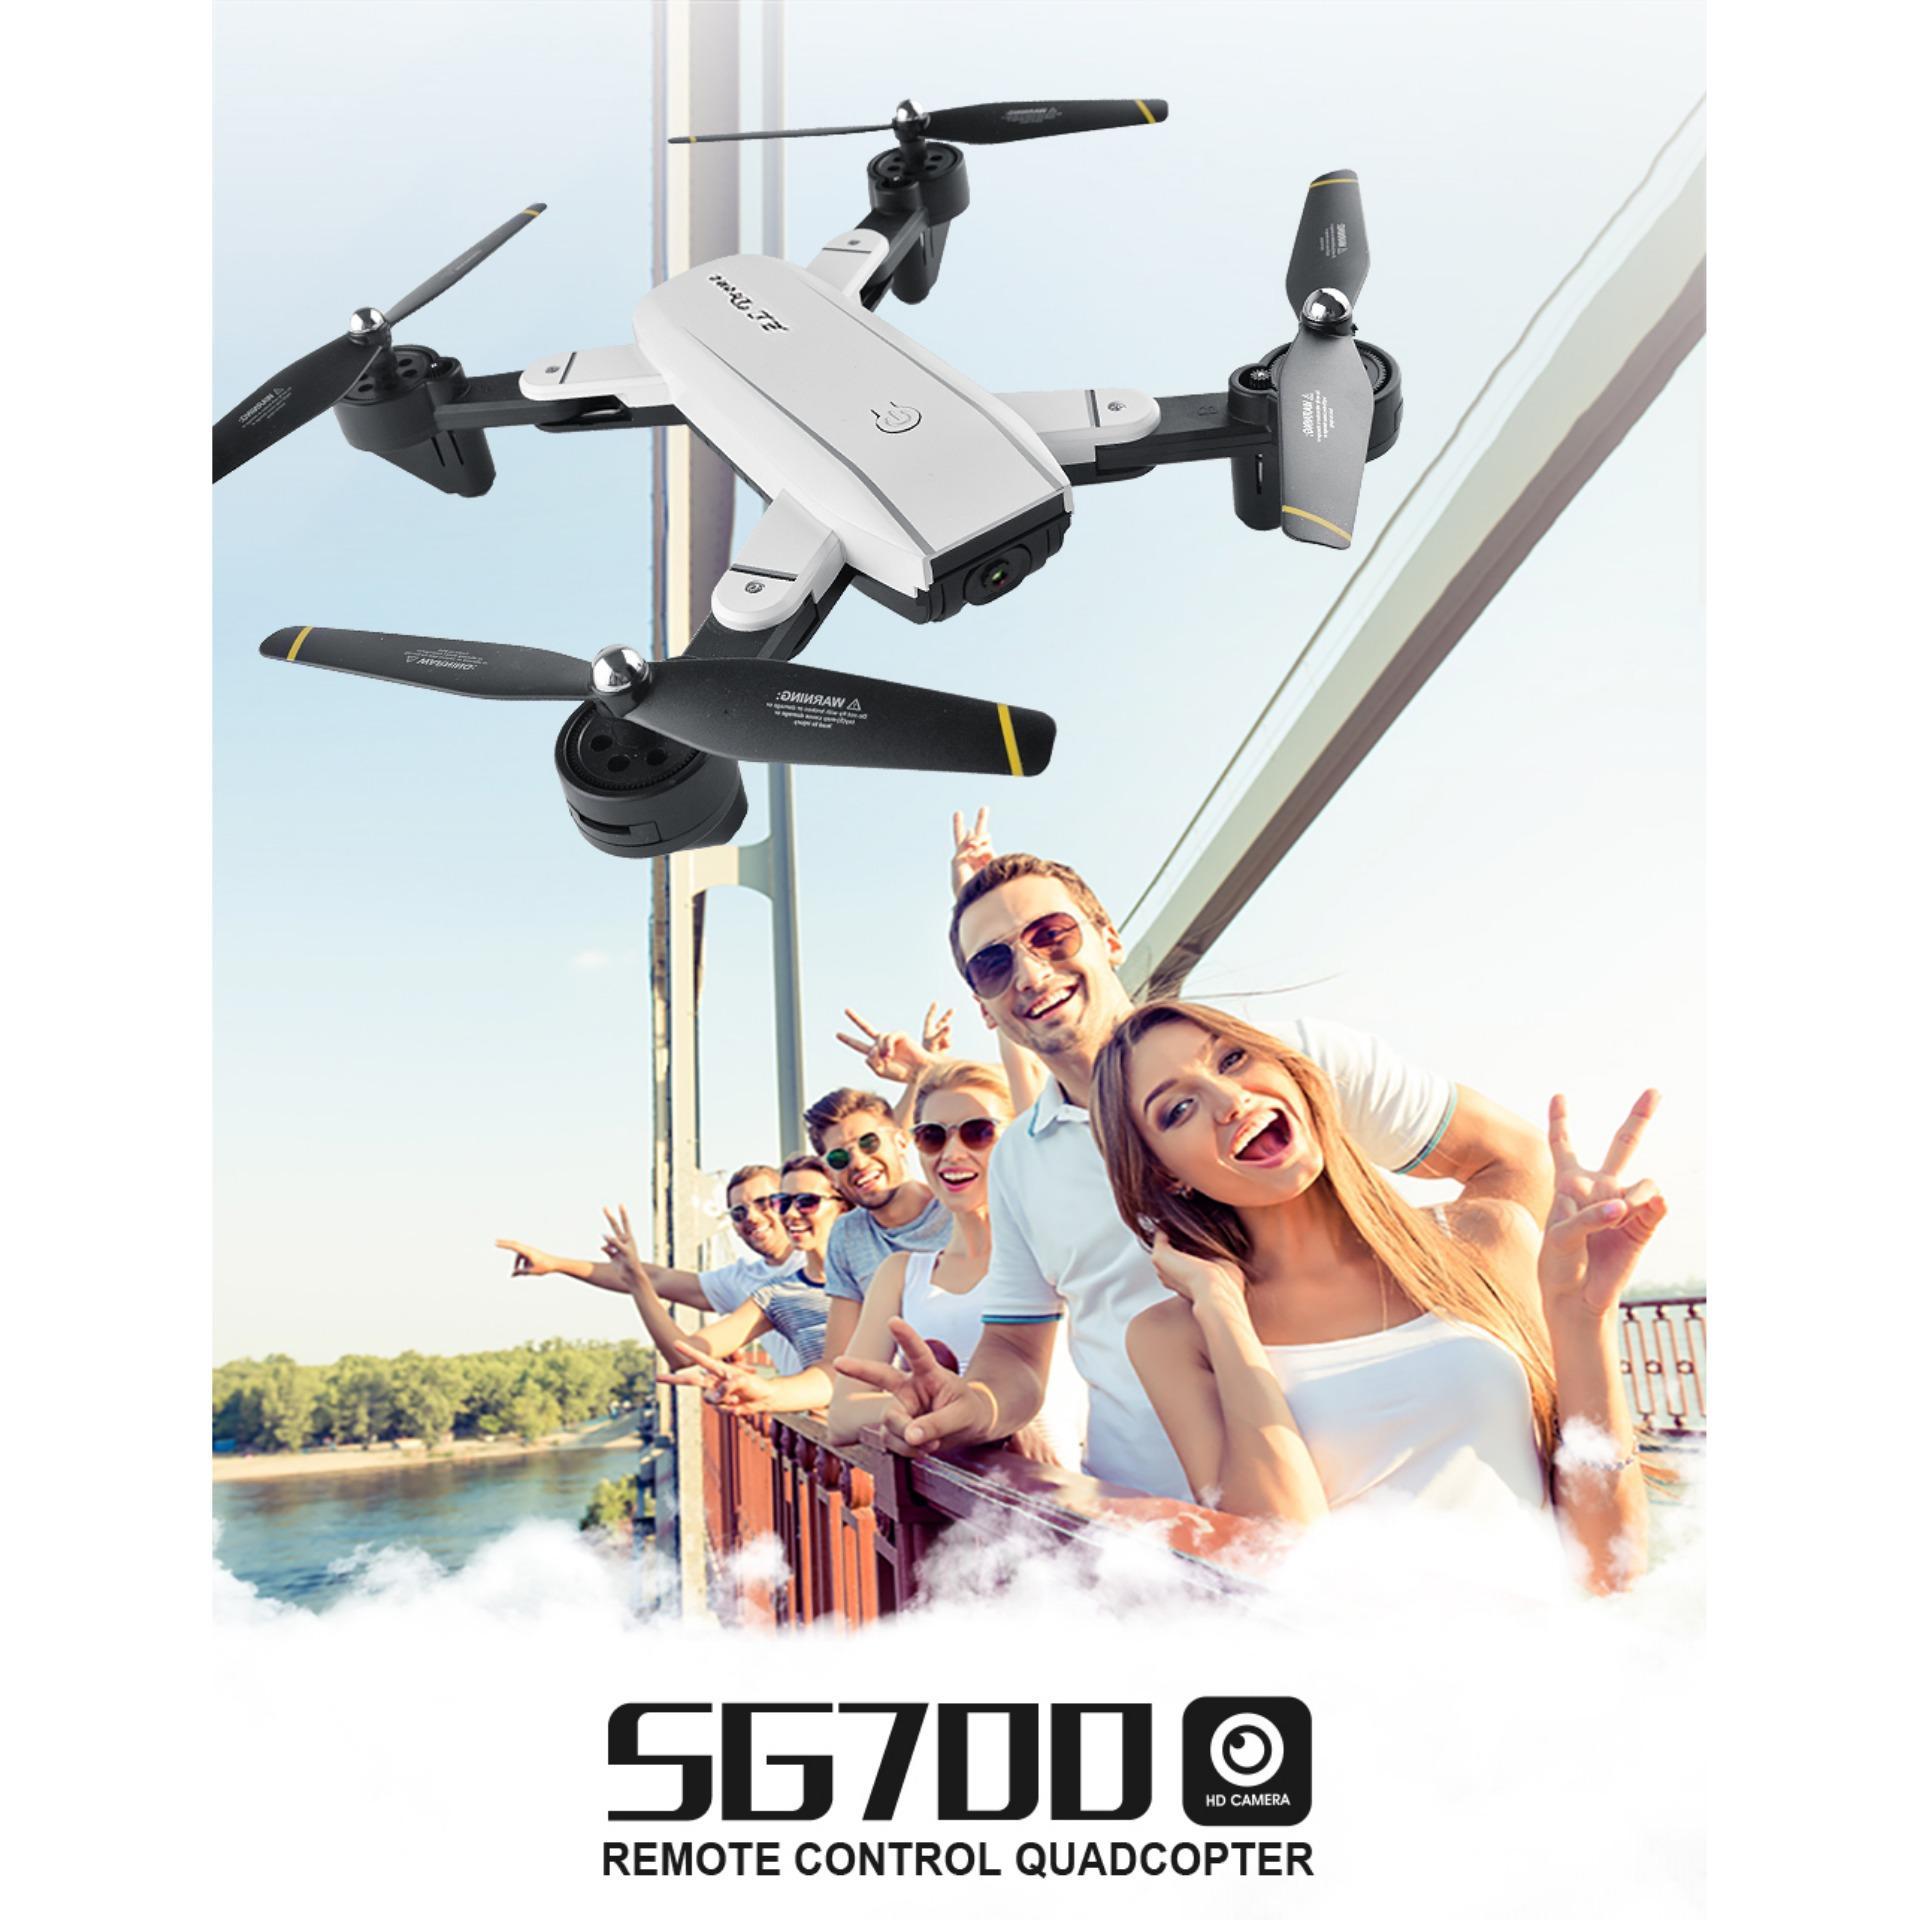 Lb SG700 2MP RC Pesawat Berkamera dengan Empat Baling-baling Wifi FPV Lipat Drone Selfie Ketinggian Terus Tanpa Kepala Kontrol Gestur Drone Vs E58 Spesifikasi: 30 W Kamera